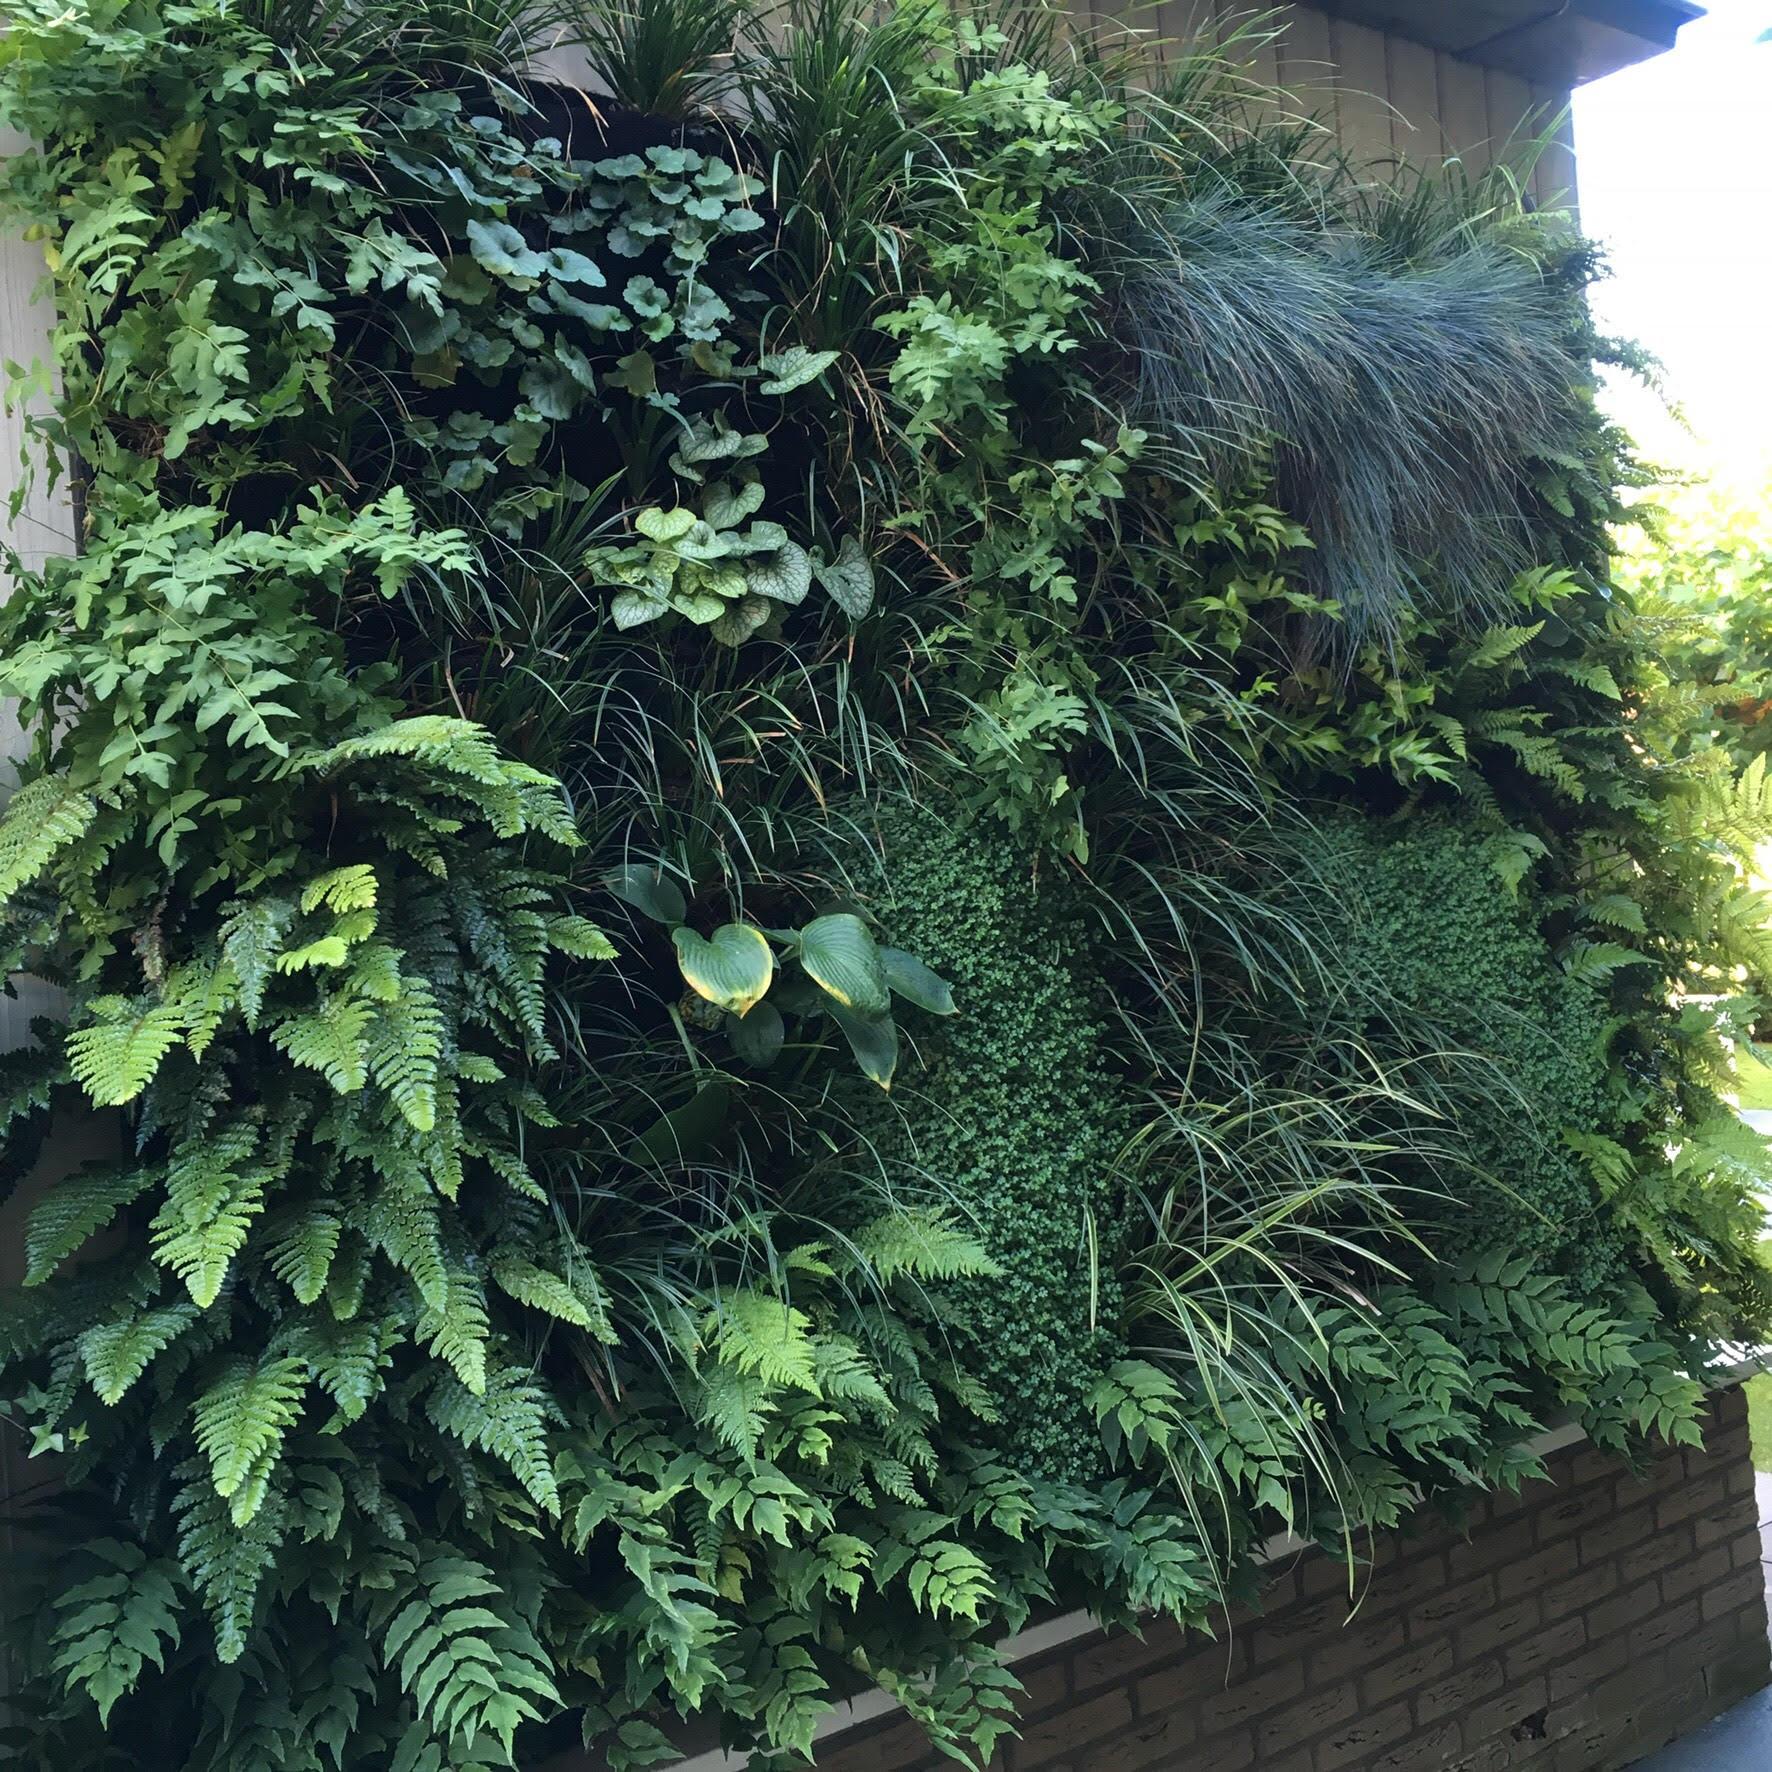 Florafelt living wall by Joris Bunschoten, The Vertical Planting Company Amsterdam.